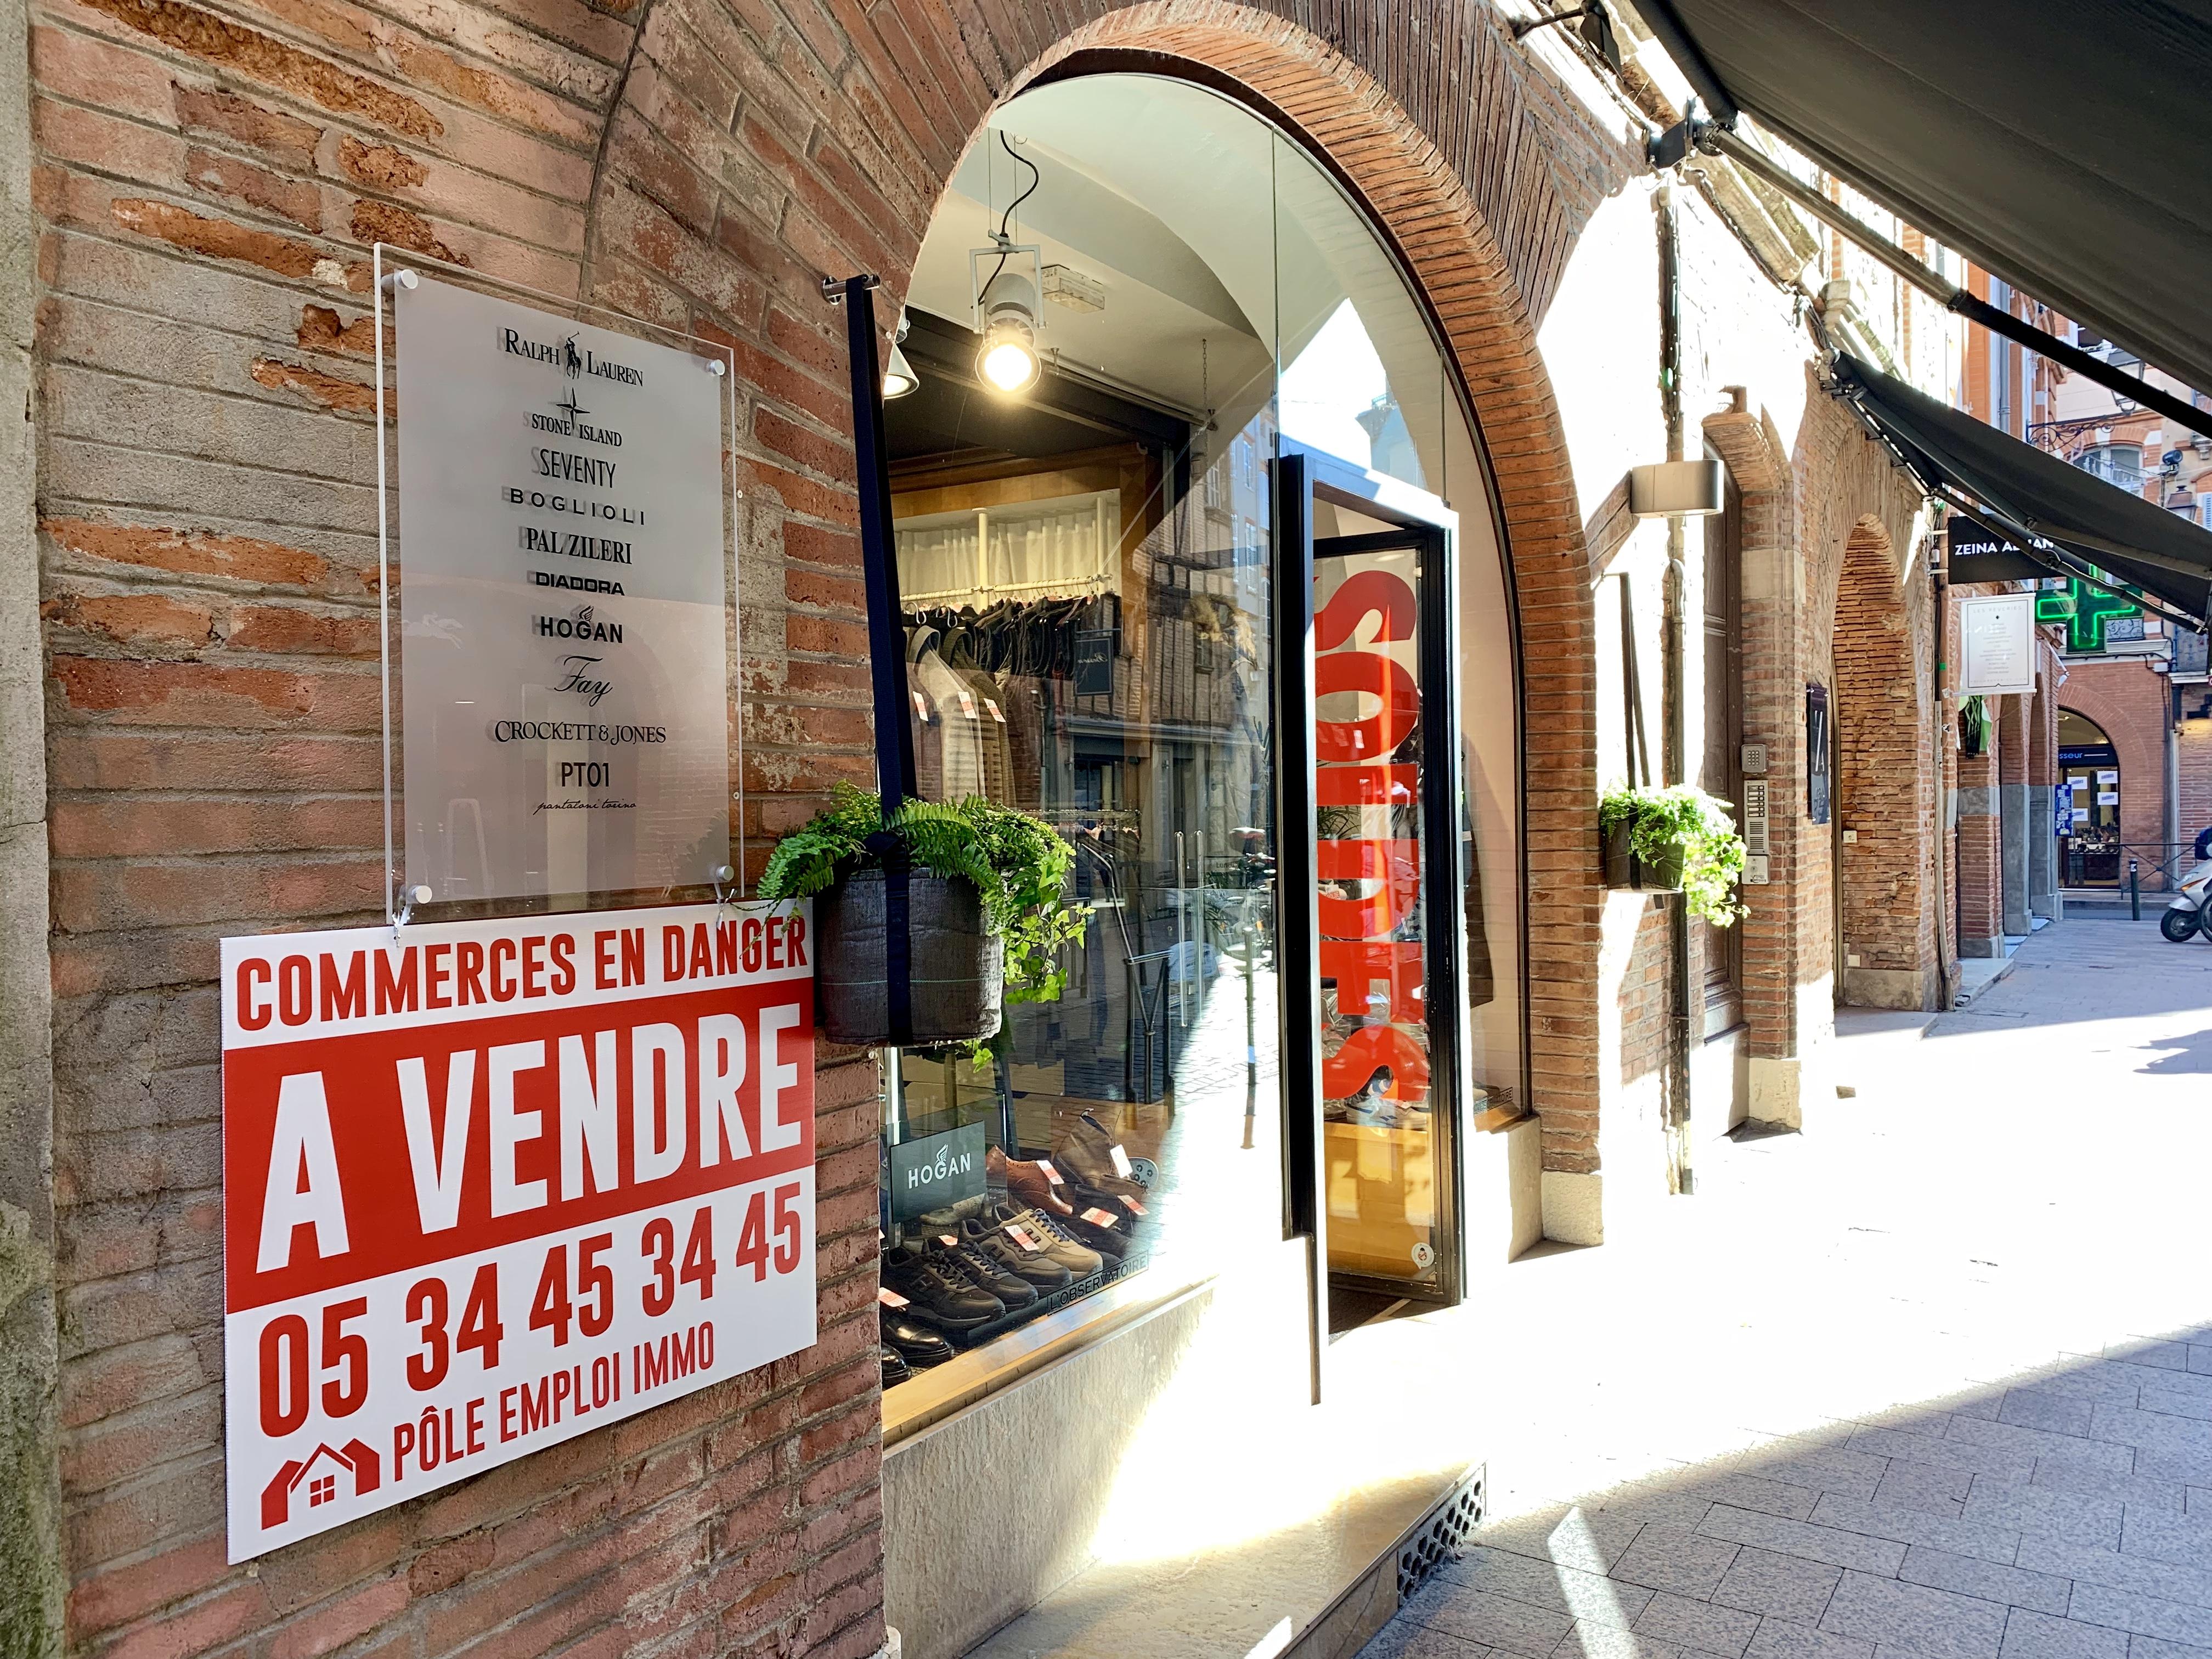 Des Centaines De Commerces A Vendre Dans Le Centre Ville De Toulouse